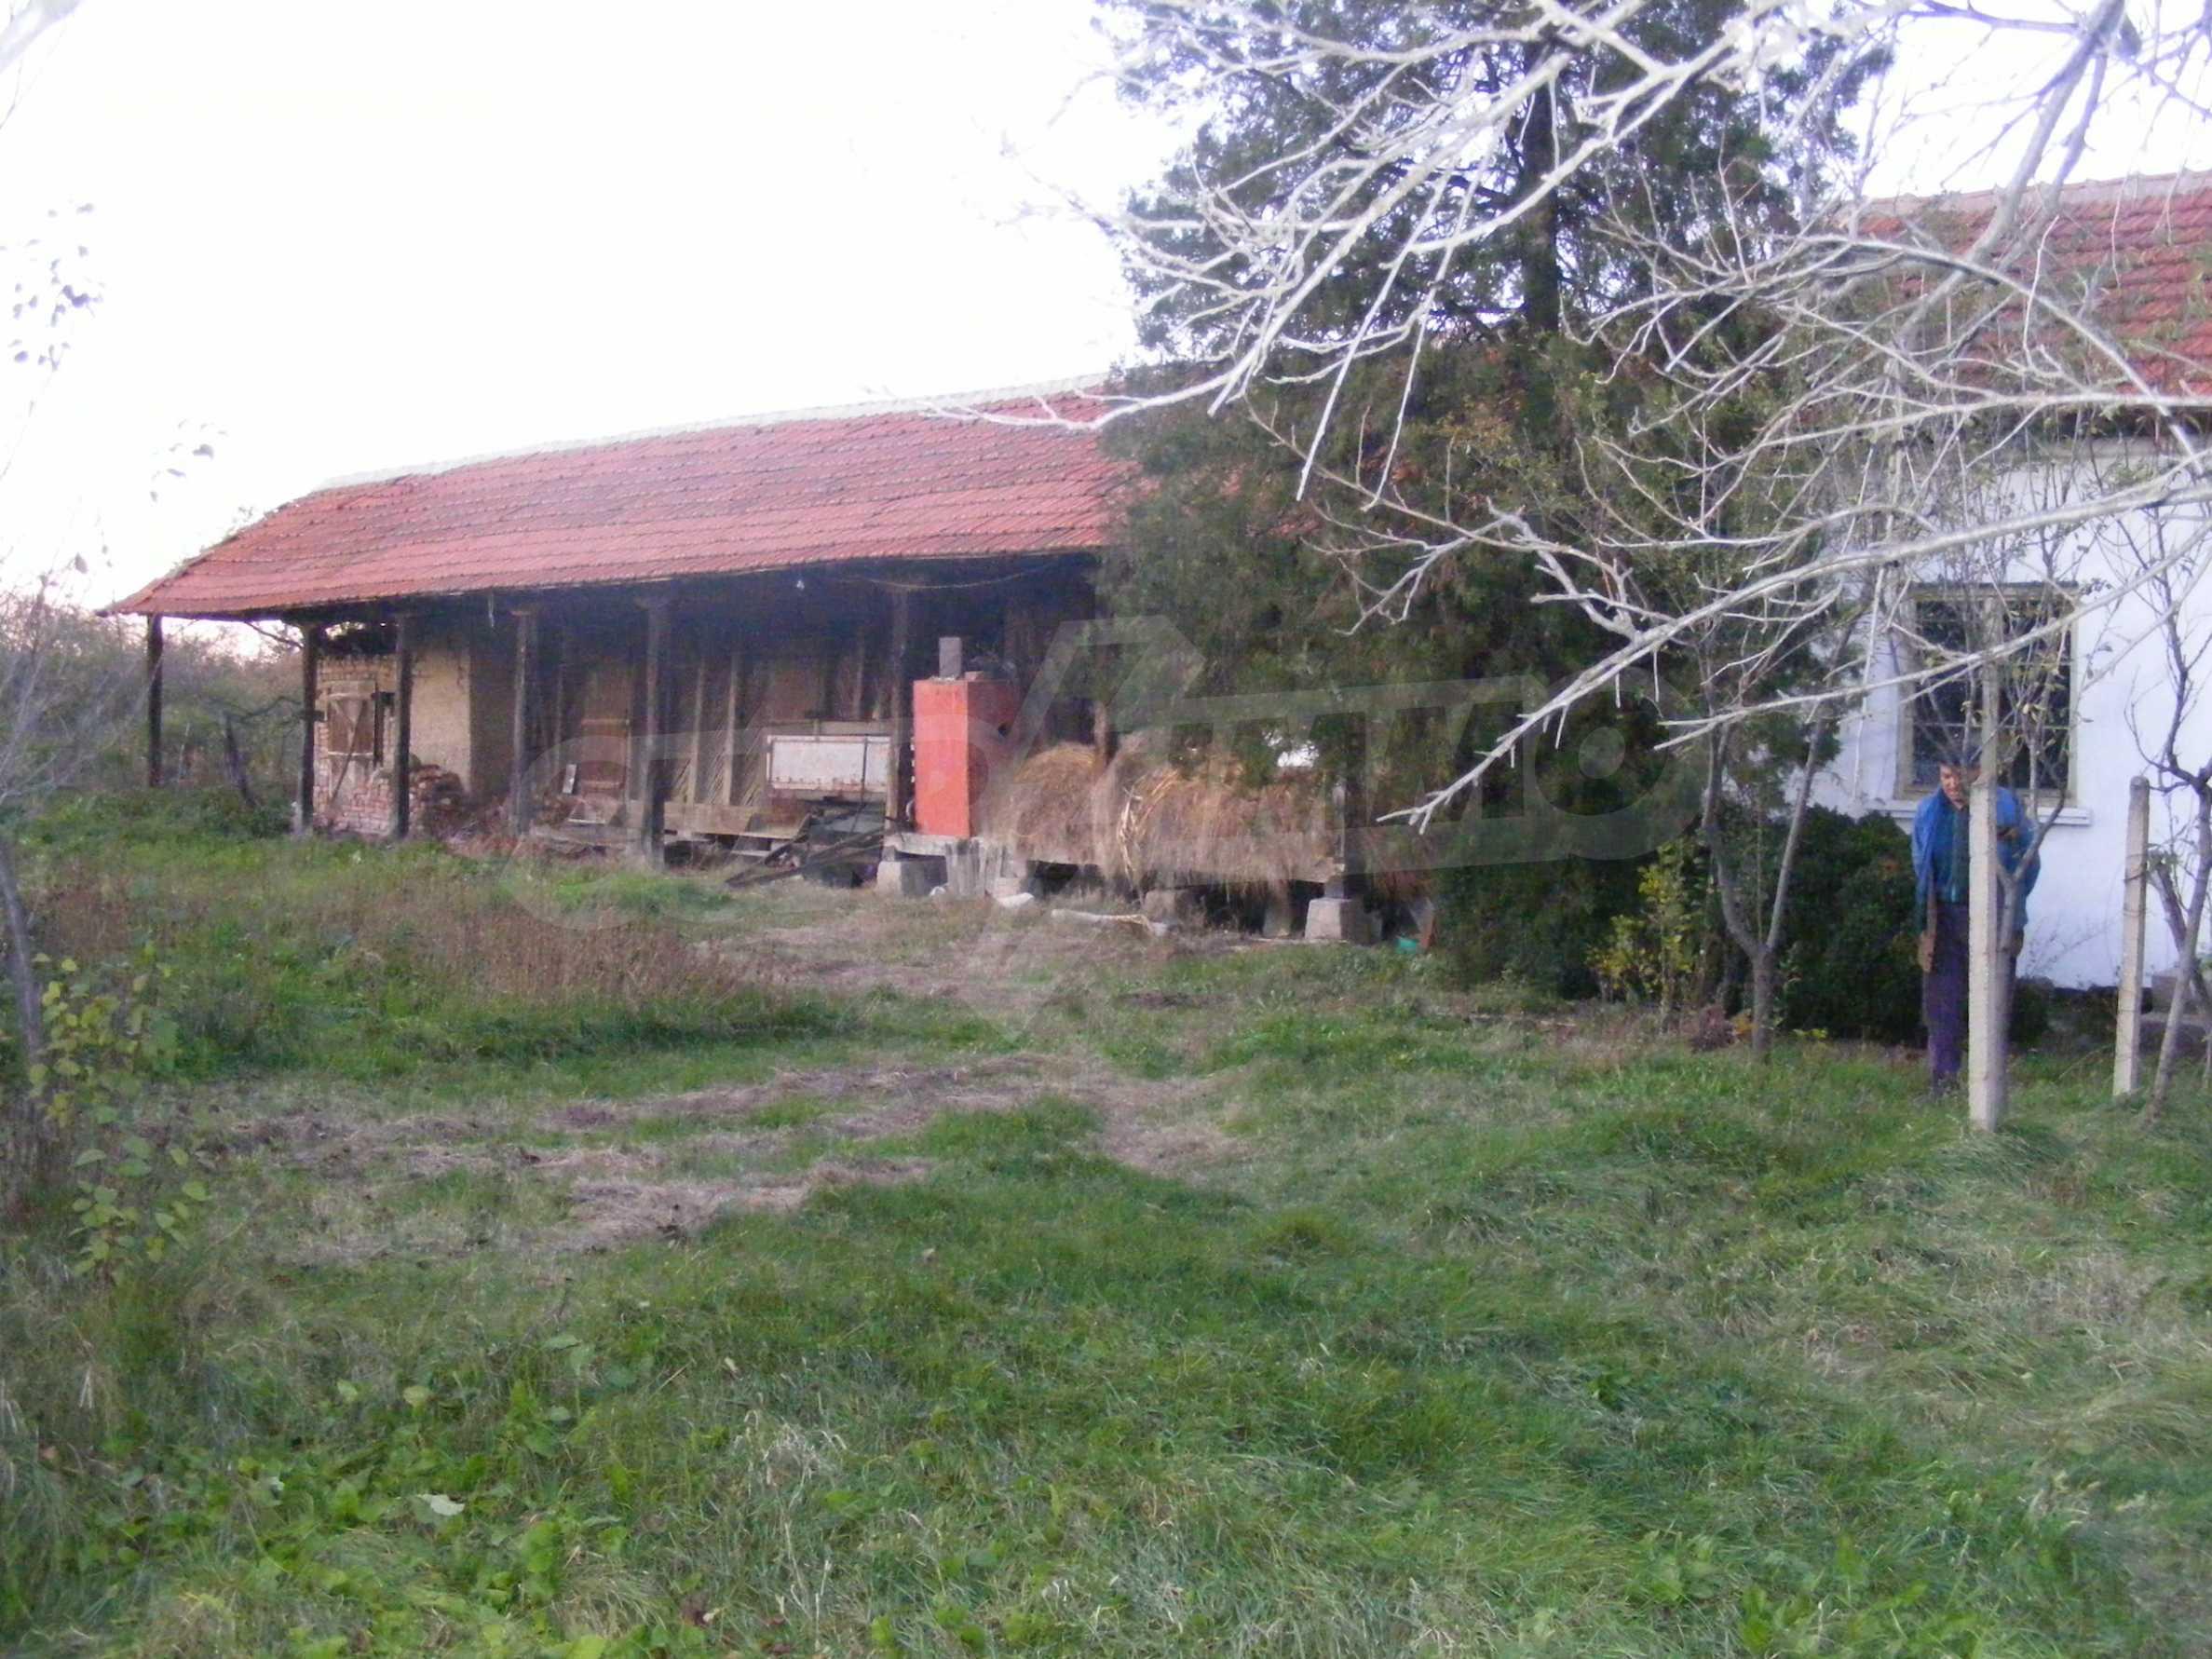 Schönes Einfamilienhaus mit einem Garten 30 km von Montana entfernt 22